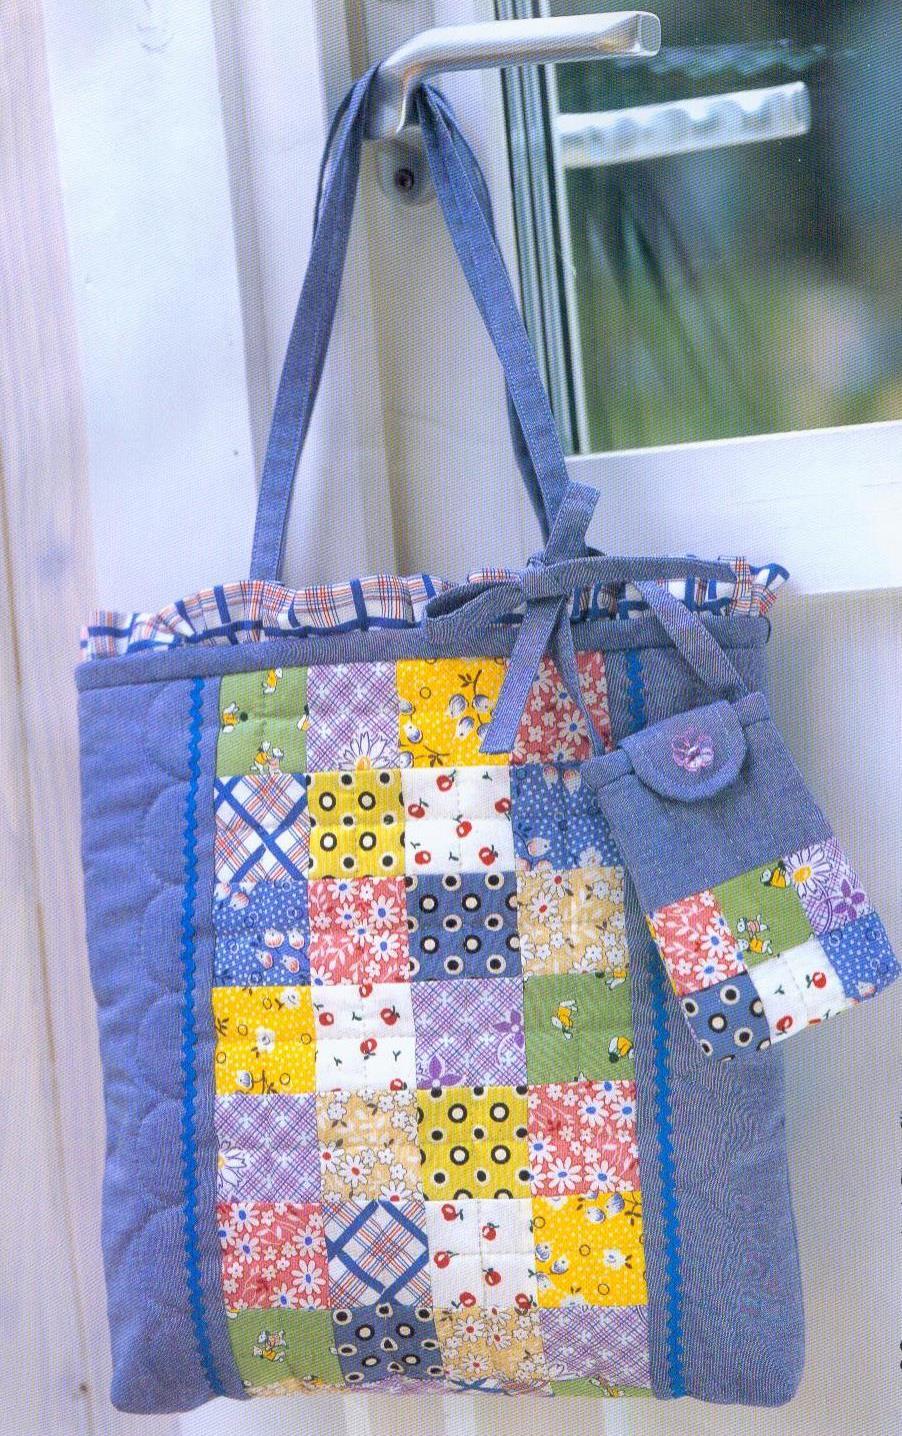 Bolsa De Pano Artesanato : Sidney artesanato bolsas de pano